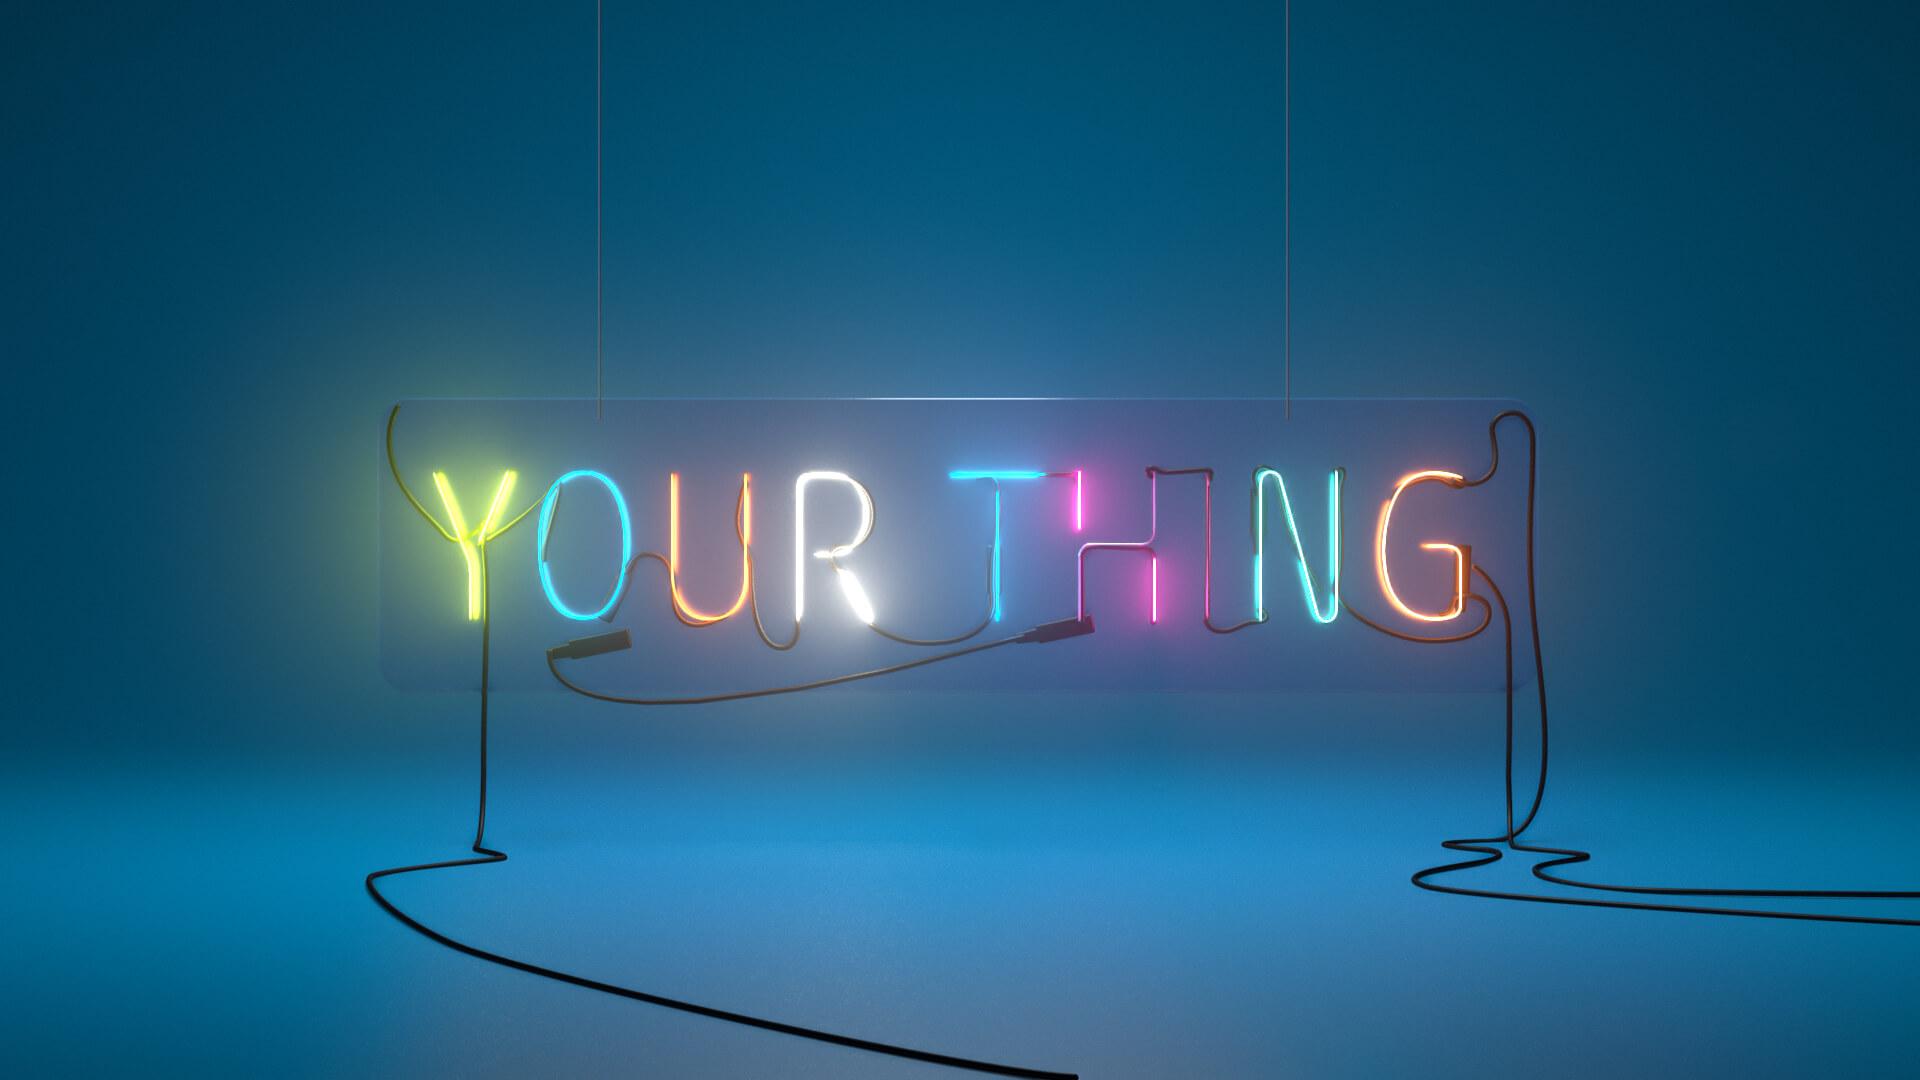 ATT_YourThing_Neon-1.jpg